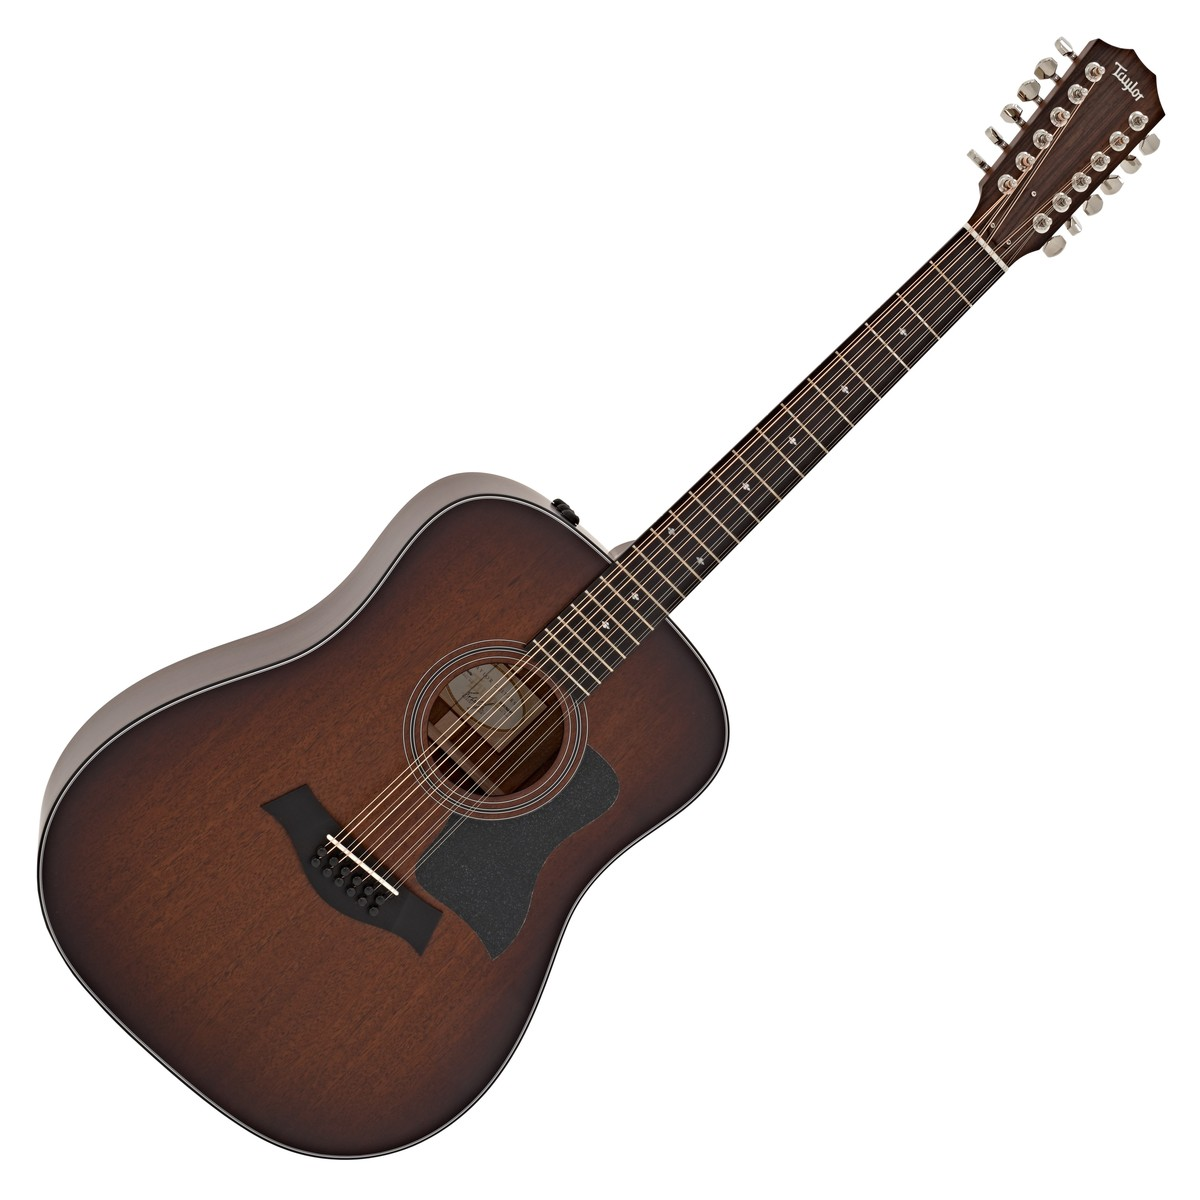 Taylor 360e 12 String Dreadnought Electro Acoustic Guitar